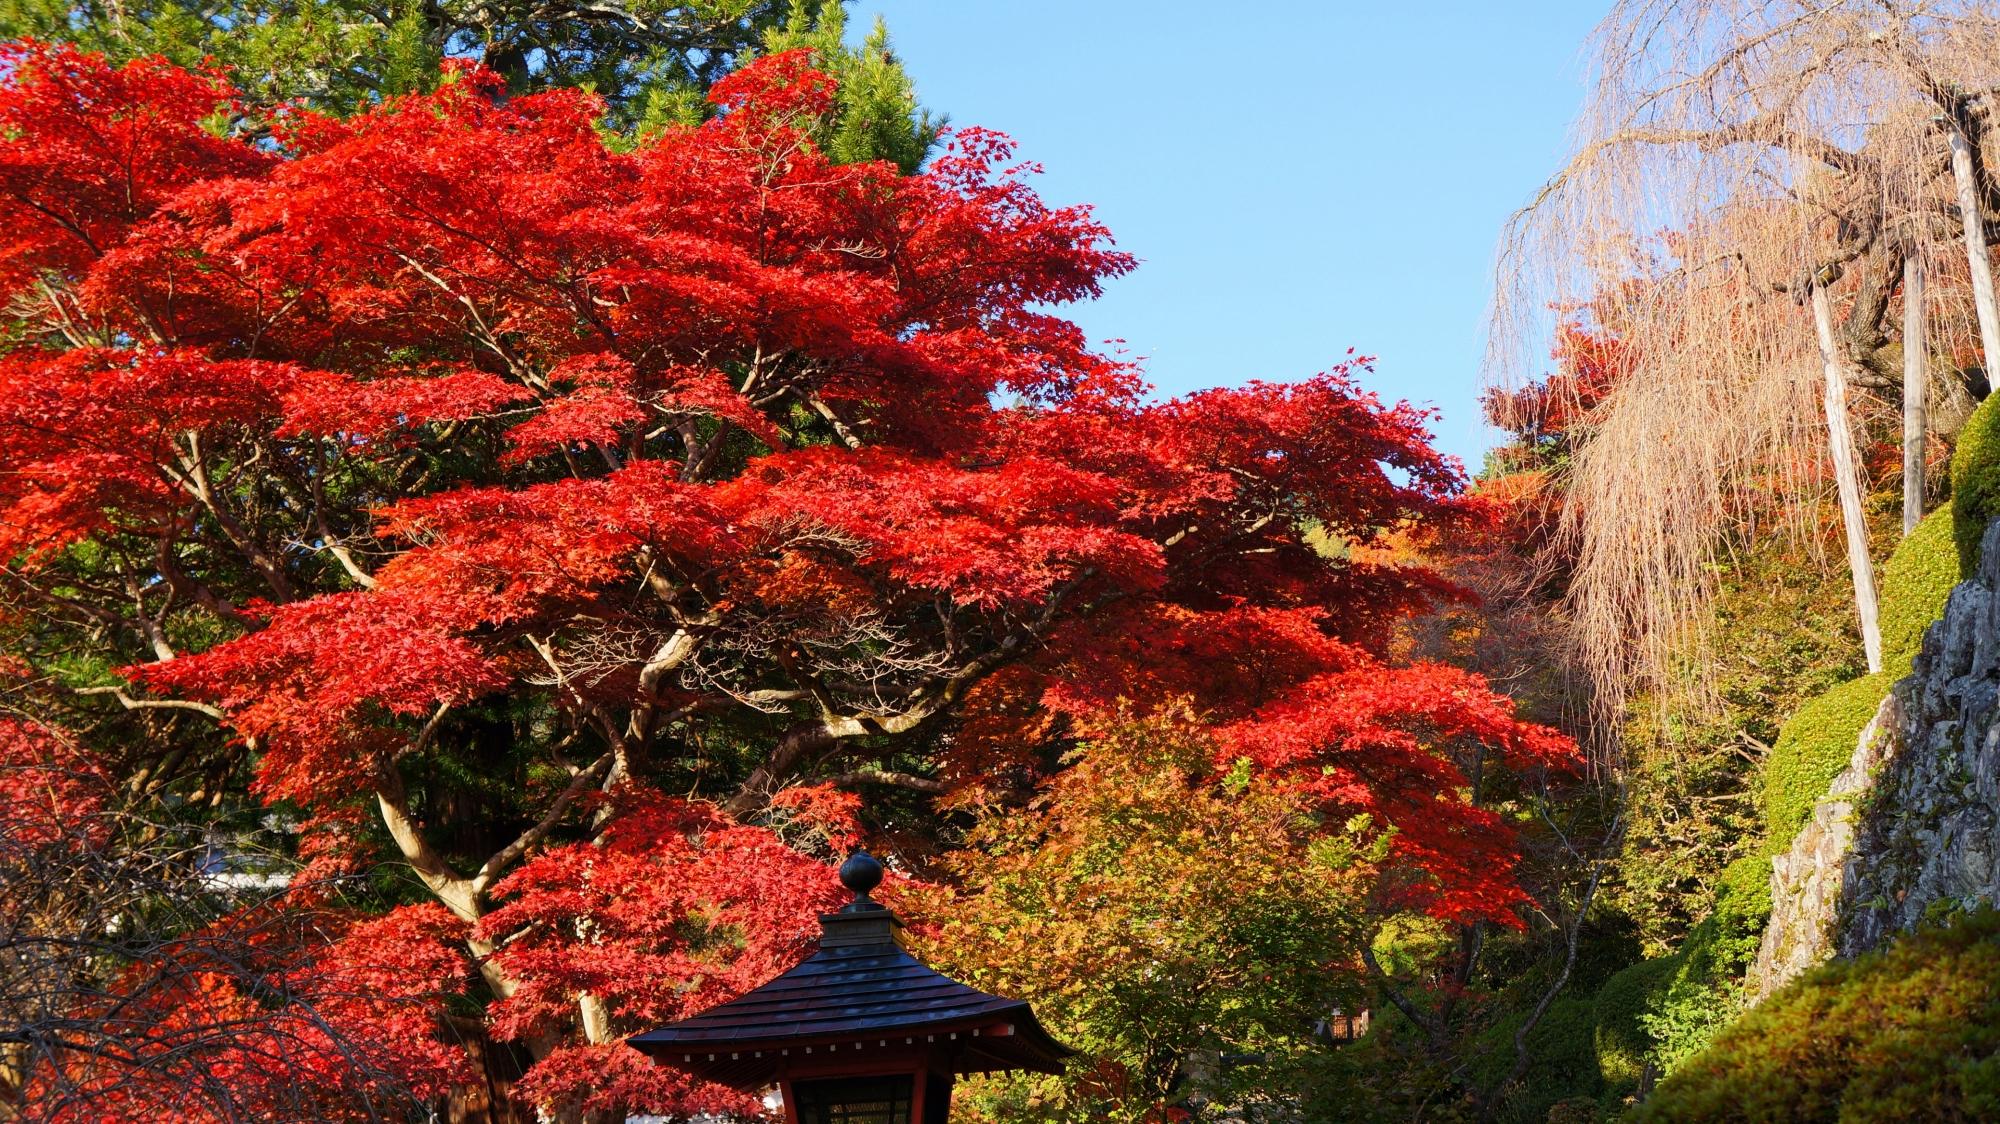 善峯寺の溢れ出しそうな圧巻の赤い紅葉